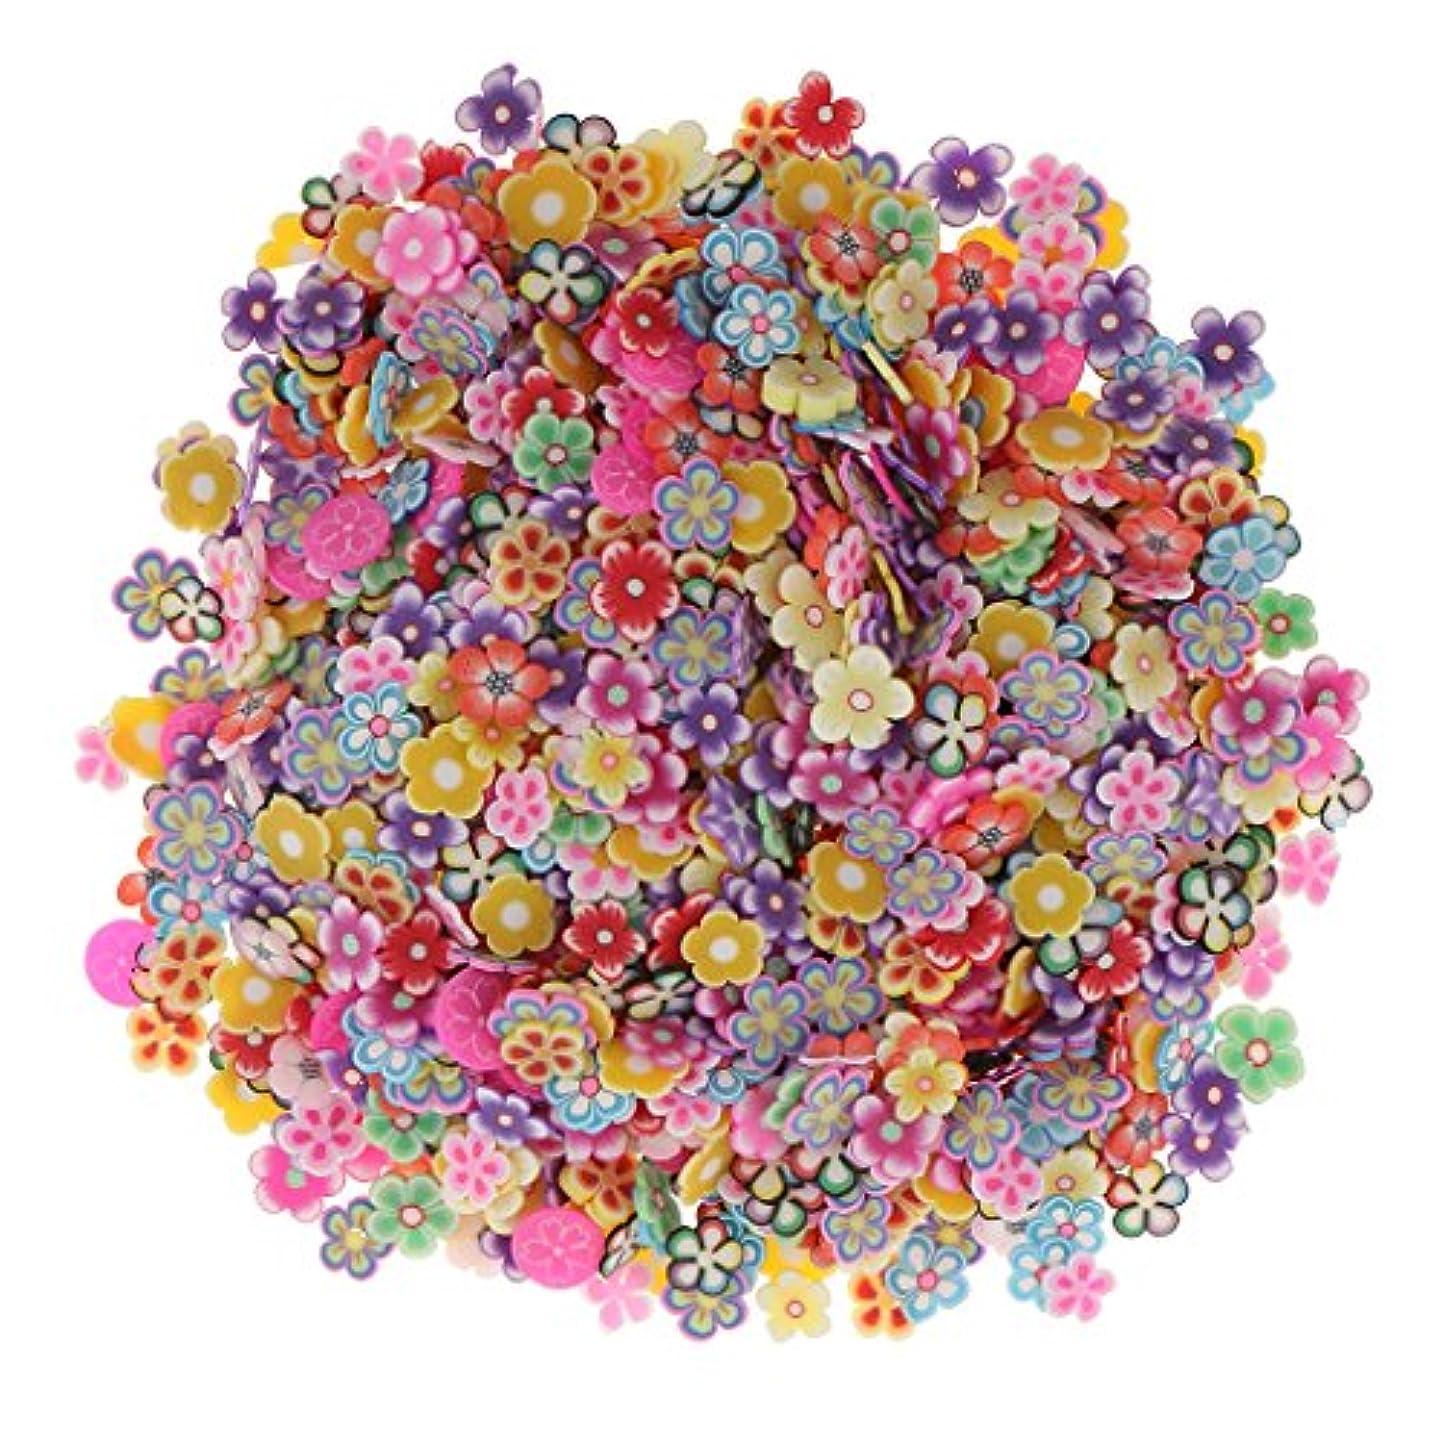 割り当て個性キノコSharplace 約1000個入り ネイルアート 3D花 フラワー DIY 手作り デコレーション